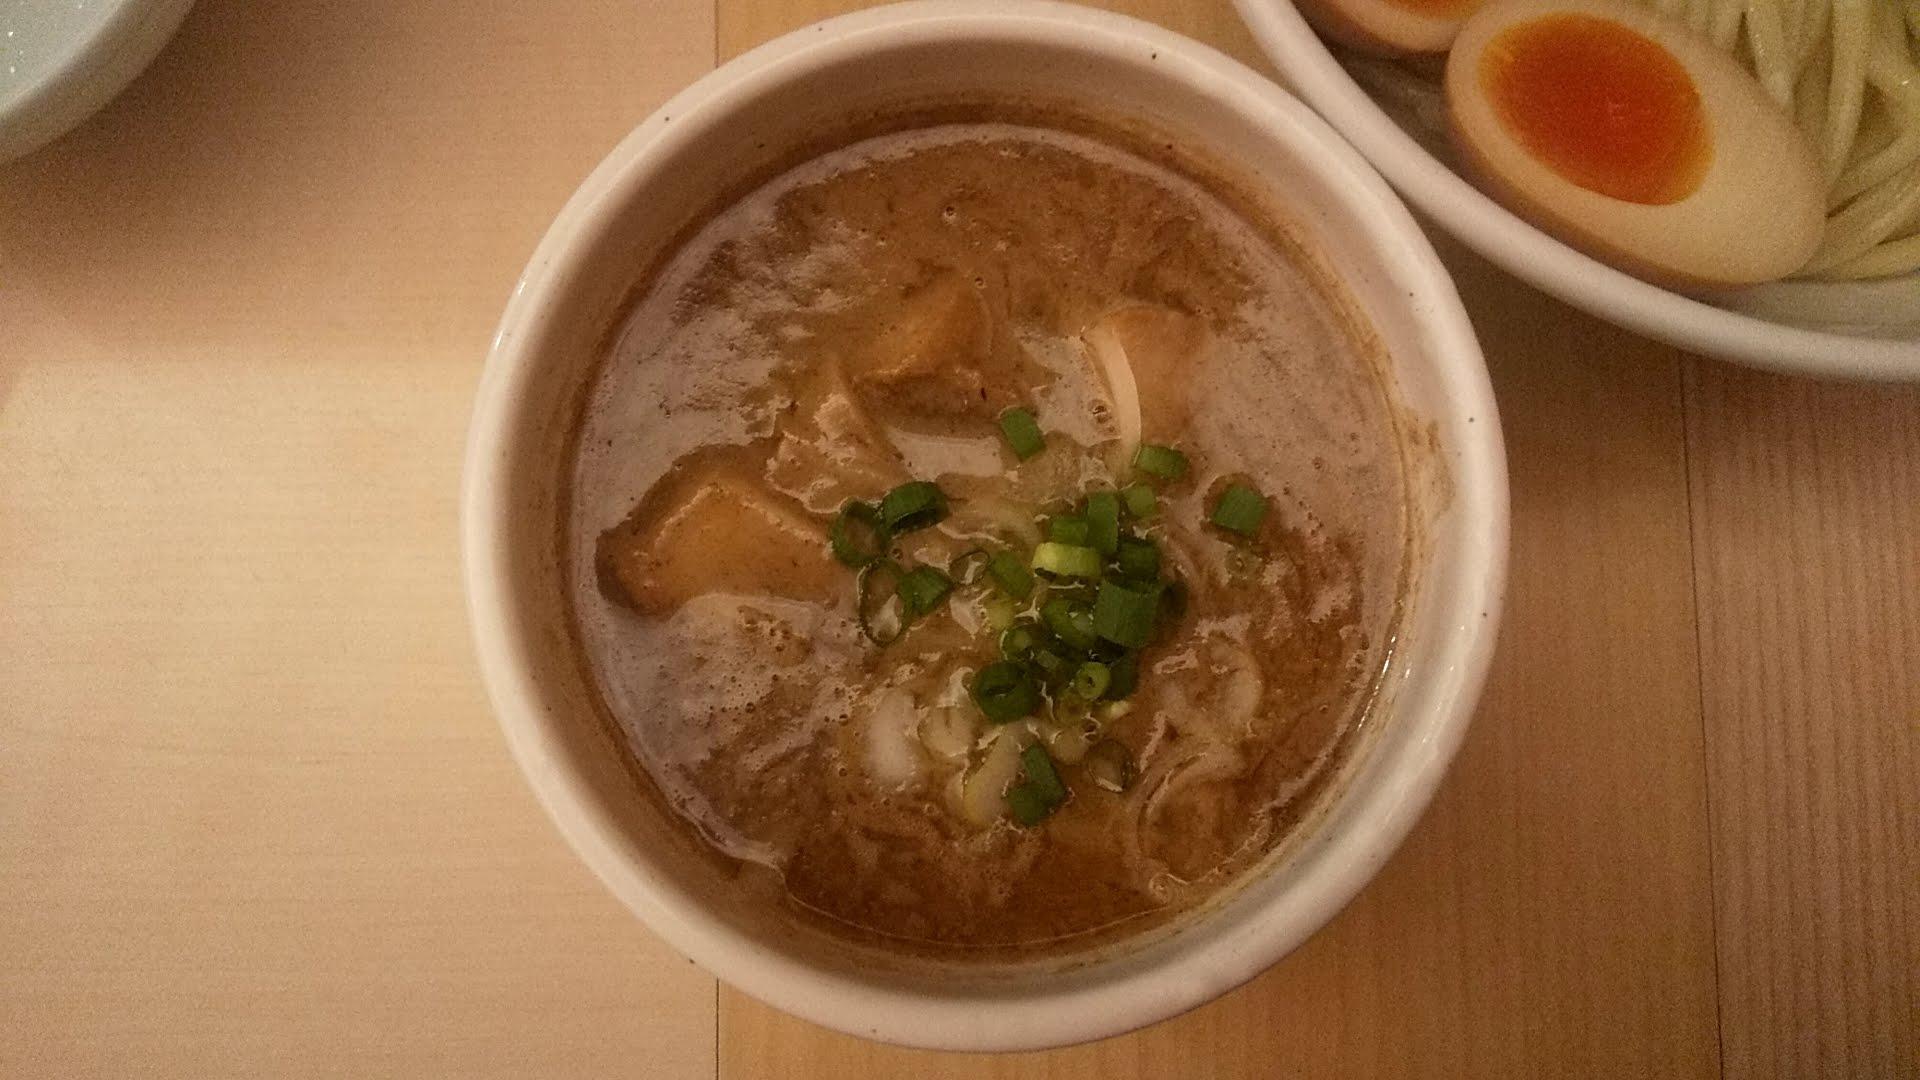 つけそば周の特製つけ麺(小)のつけ汁の写真